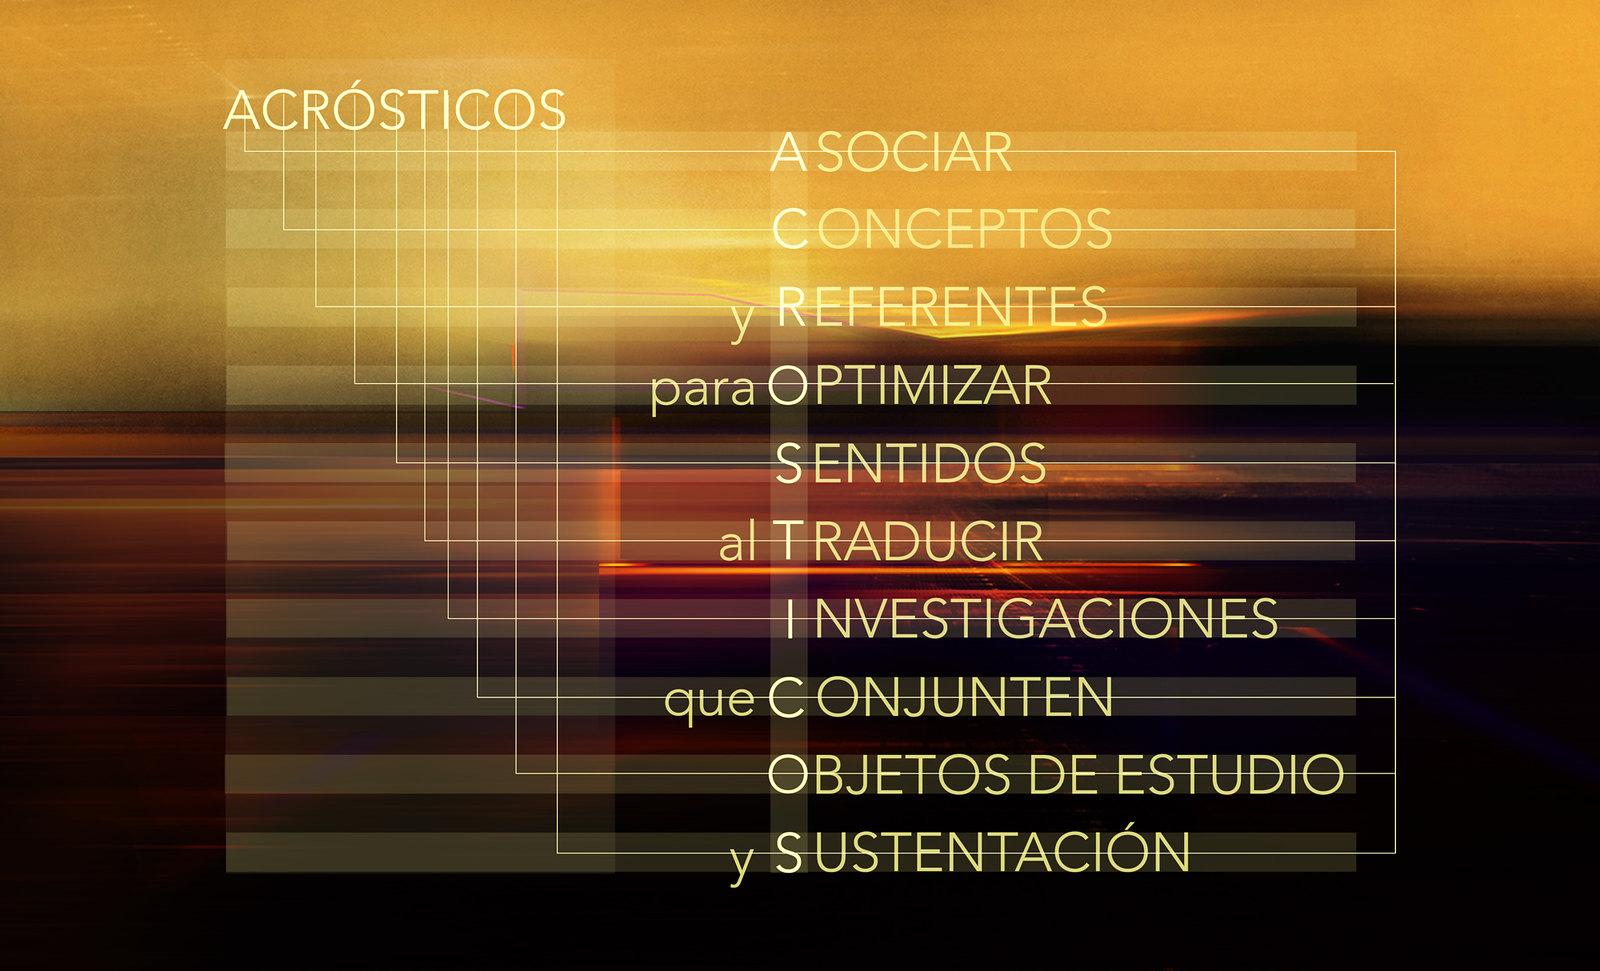 Acrósticos